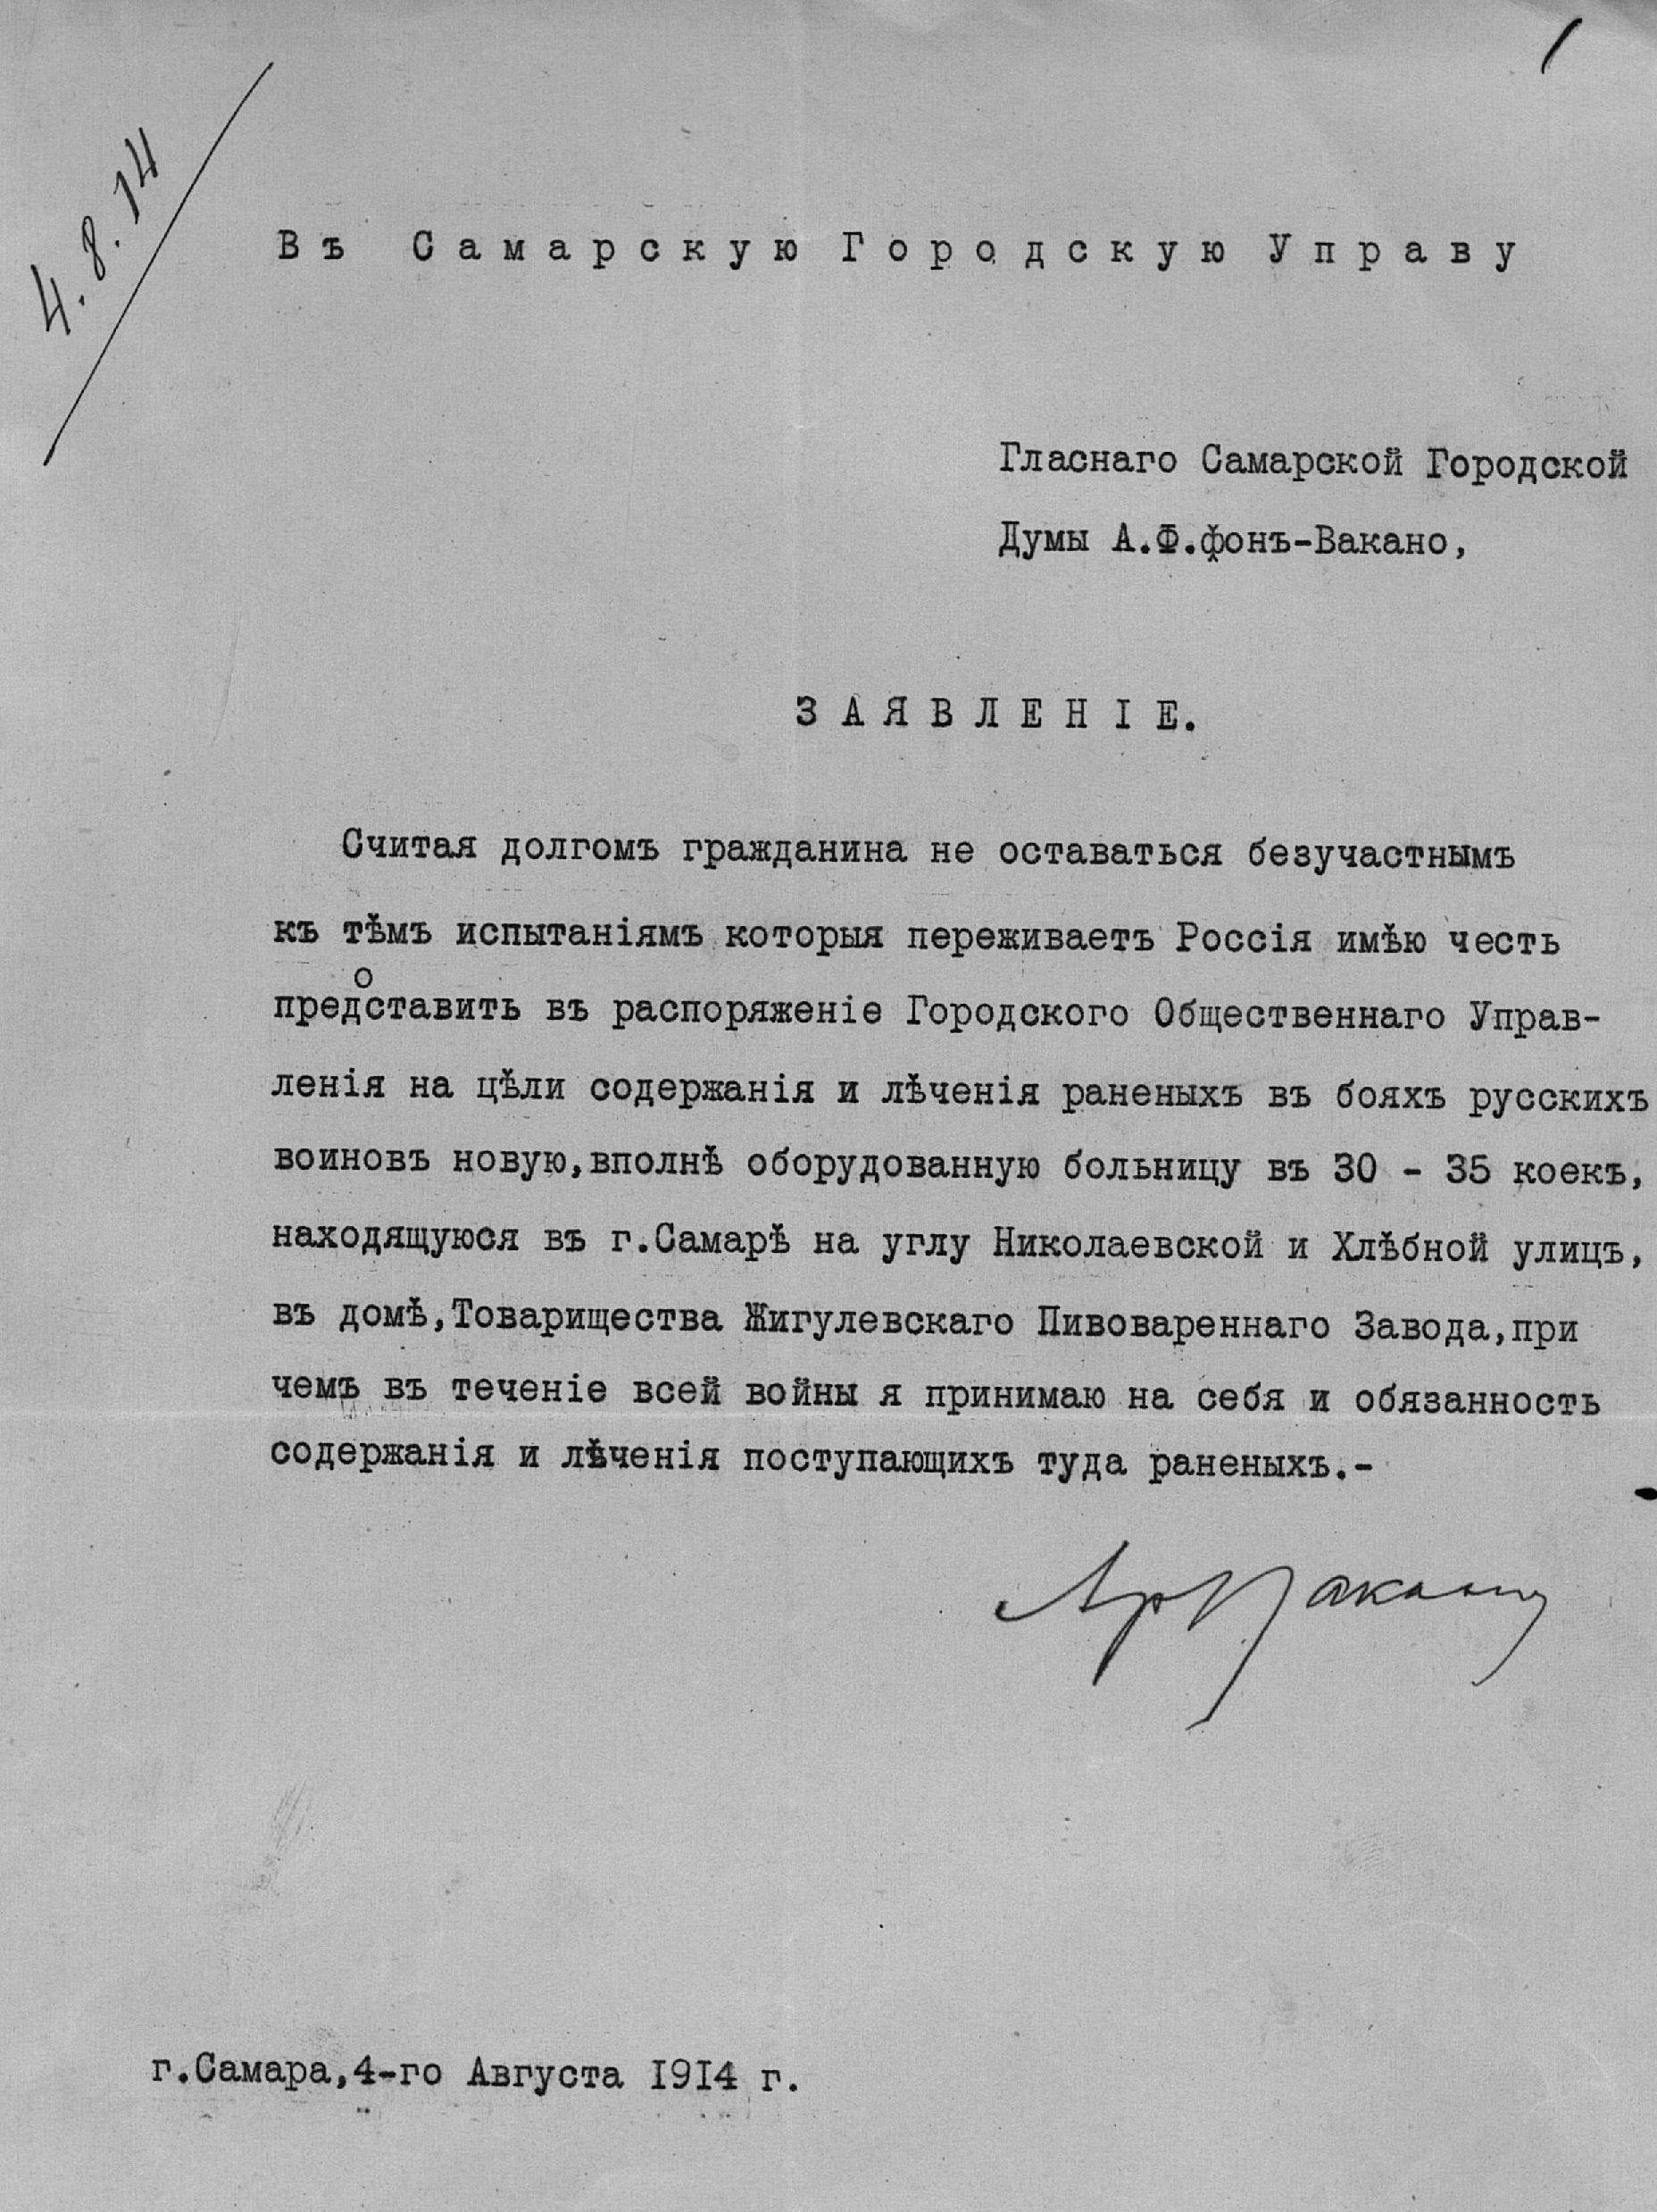 1914. Заявление в Самарскую городскую управу от Гласного Самарской Городской Думы А. Ф. фон Вакано. 4 августа